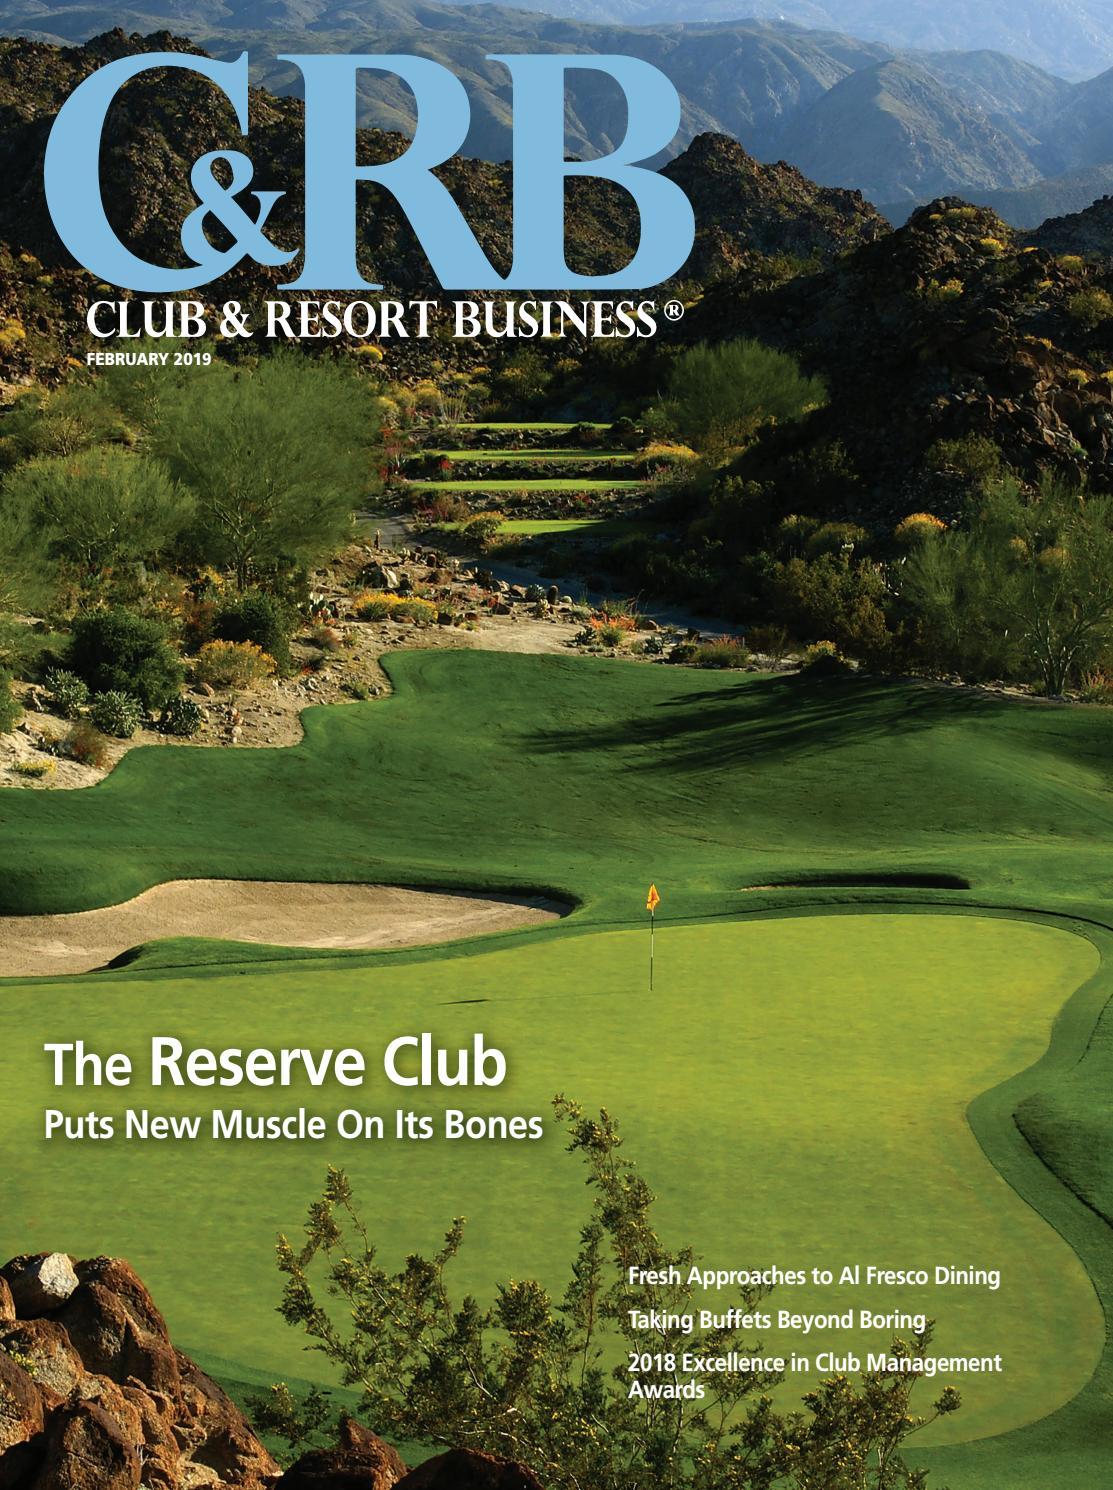 Club & Resort Business February 2019 by WTWH Media LLC - issuu